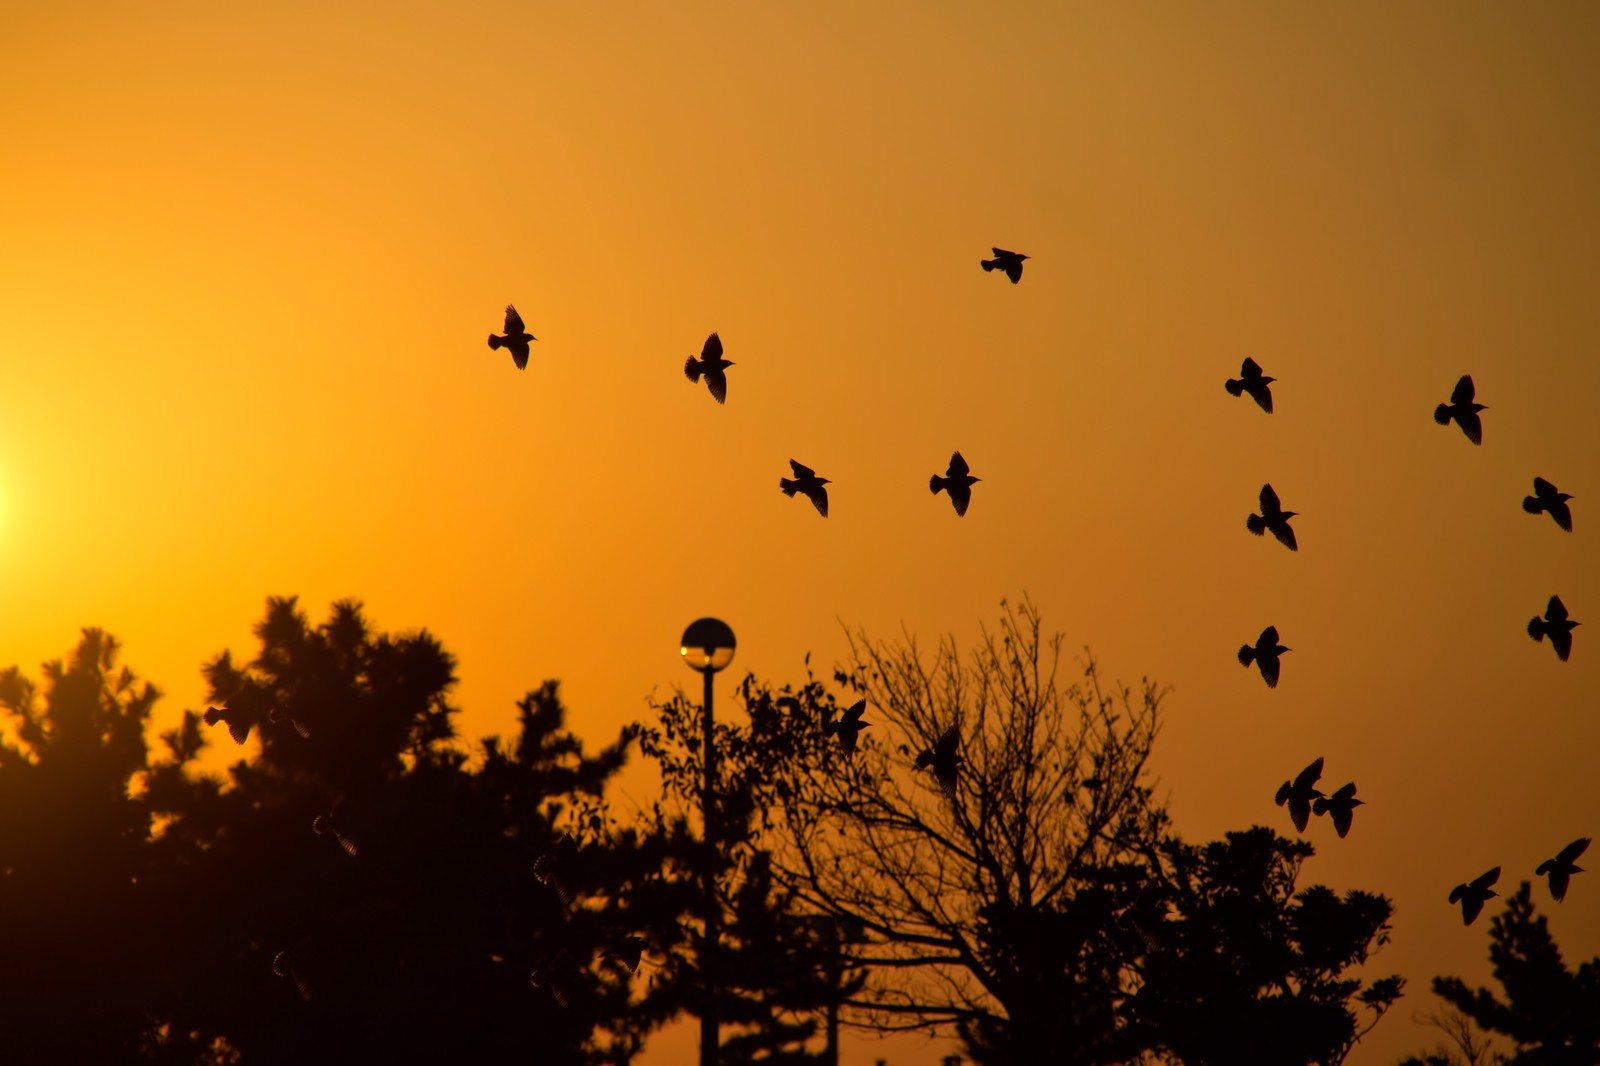 「金色の空と鳥たち | 写真の無料素材・フリー素材 - ぱくたそ」の写真